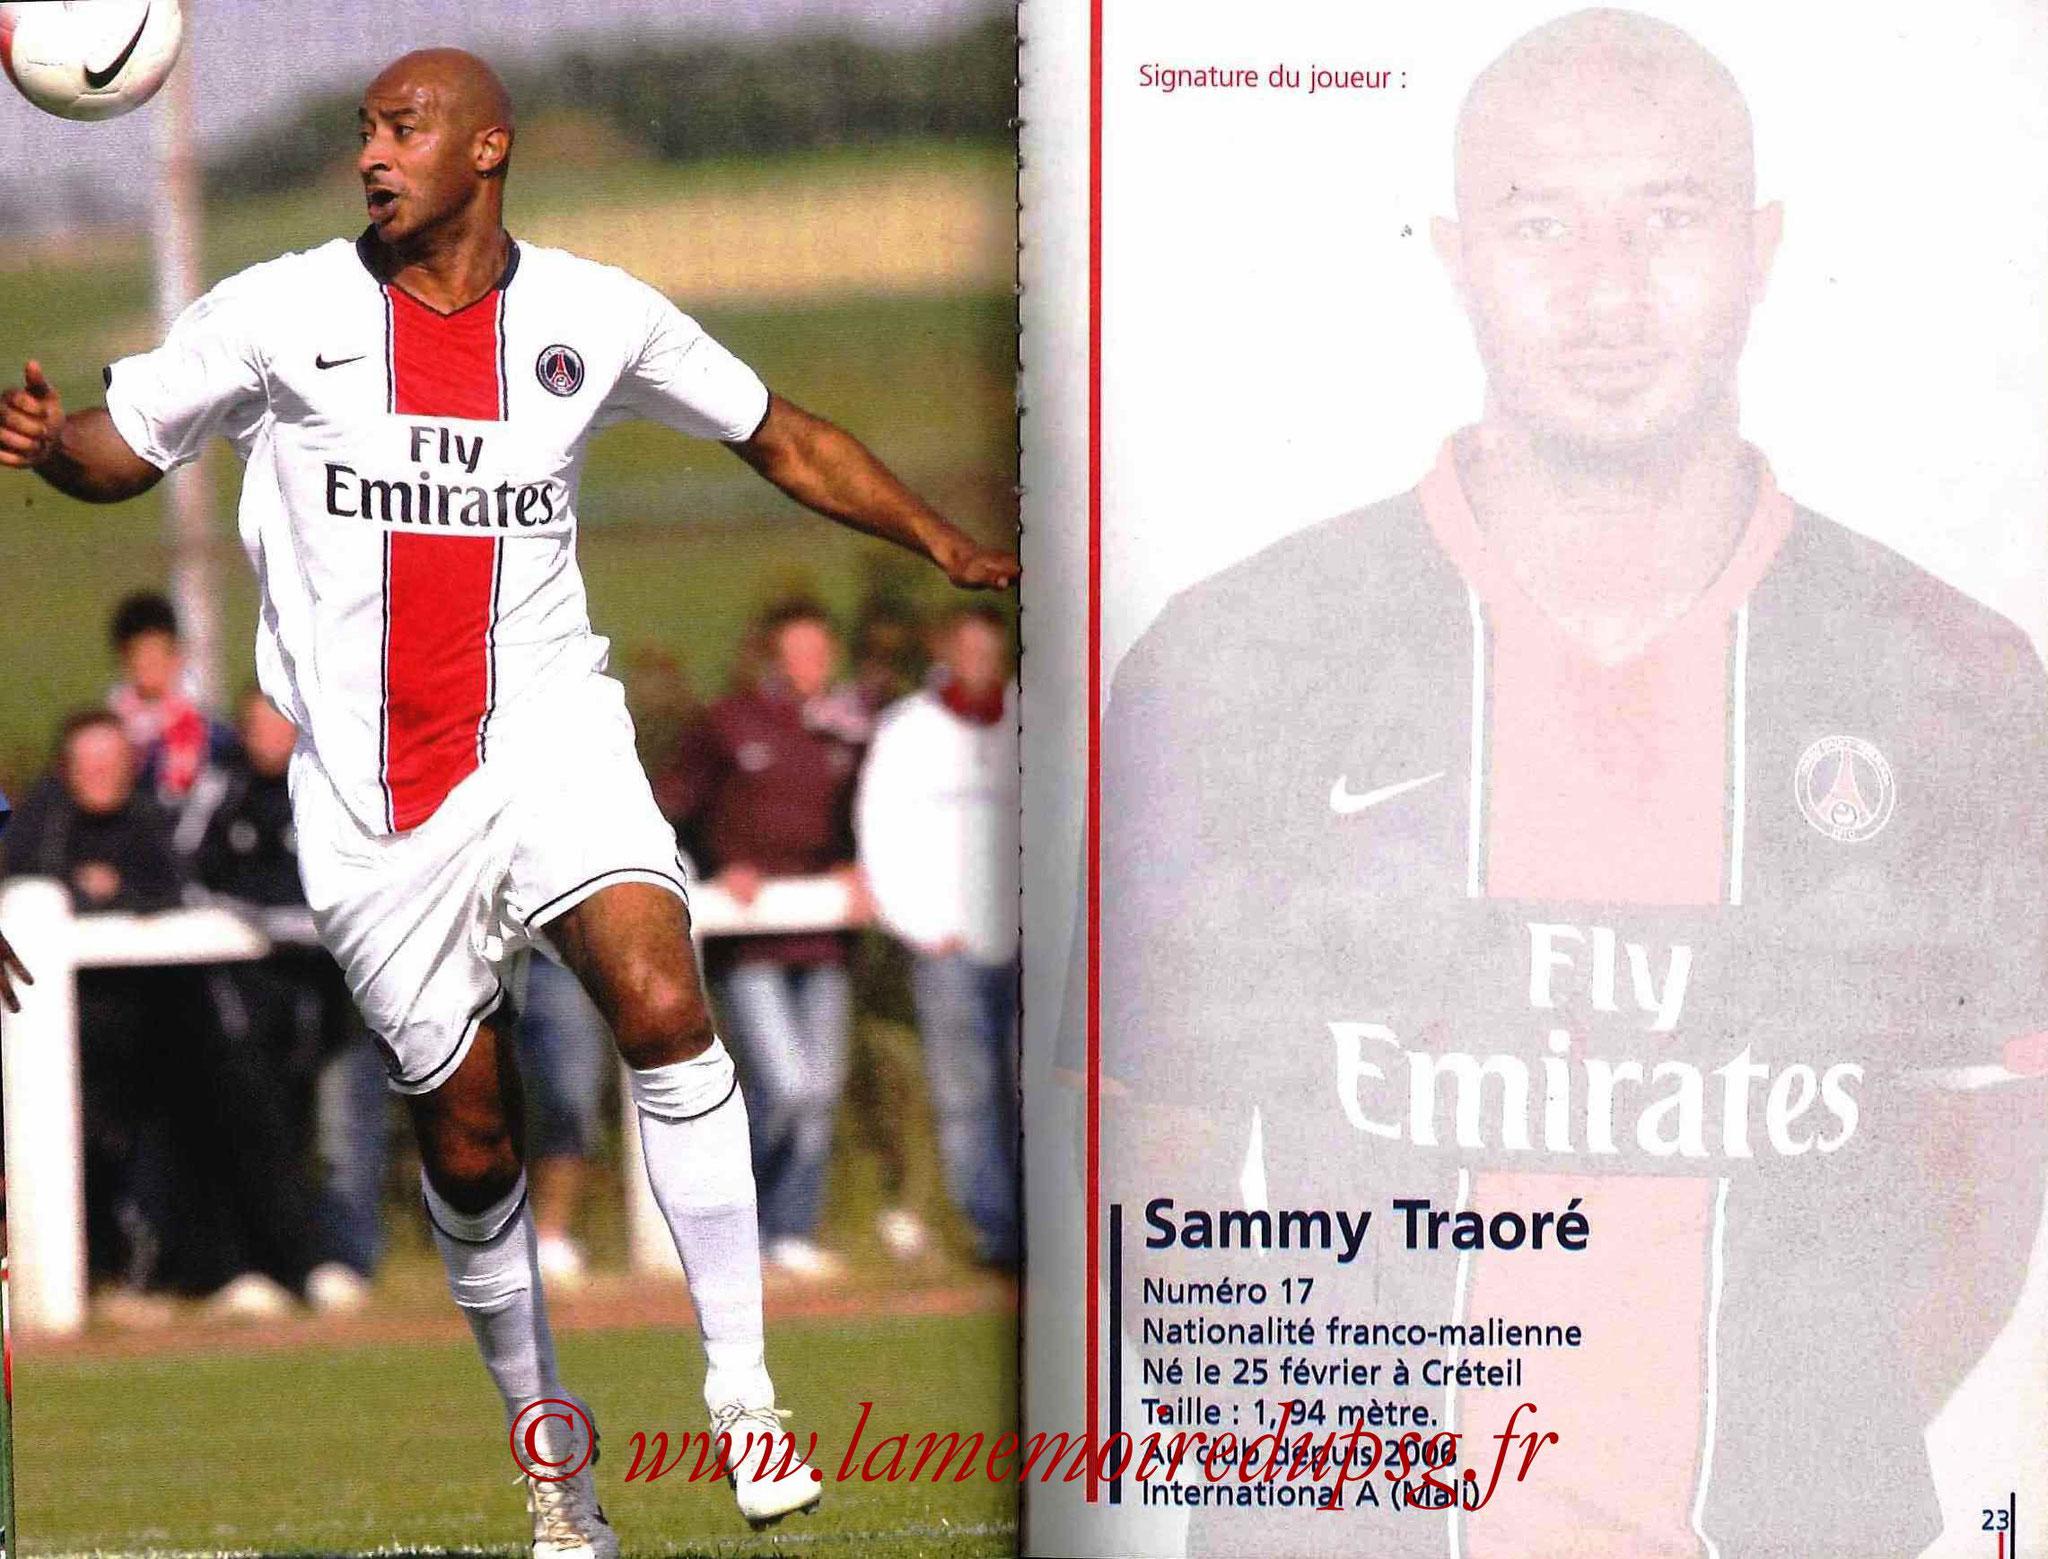 2007-08 - Guide de la Saison PSG - Pages 22 et 23 - Sammy TRAORE